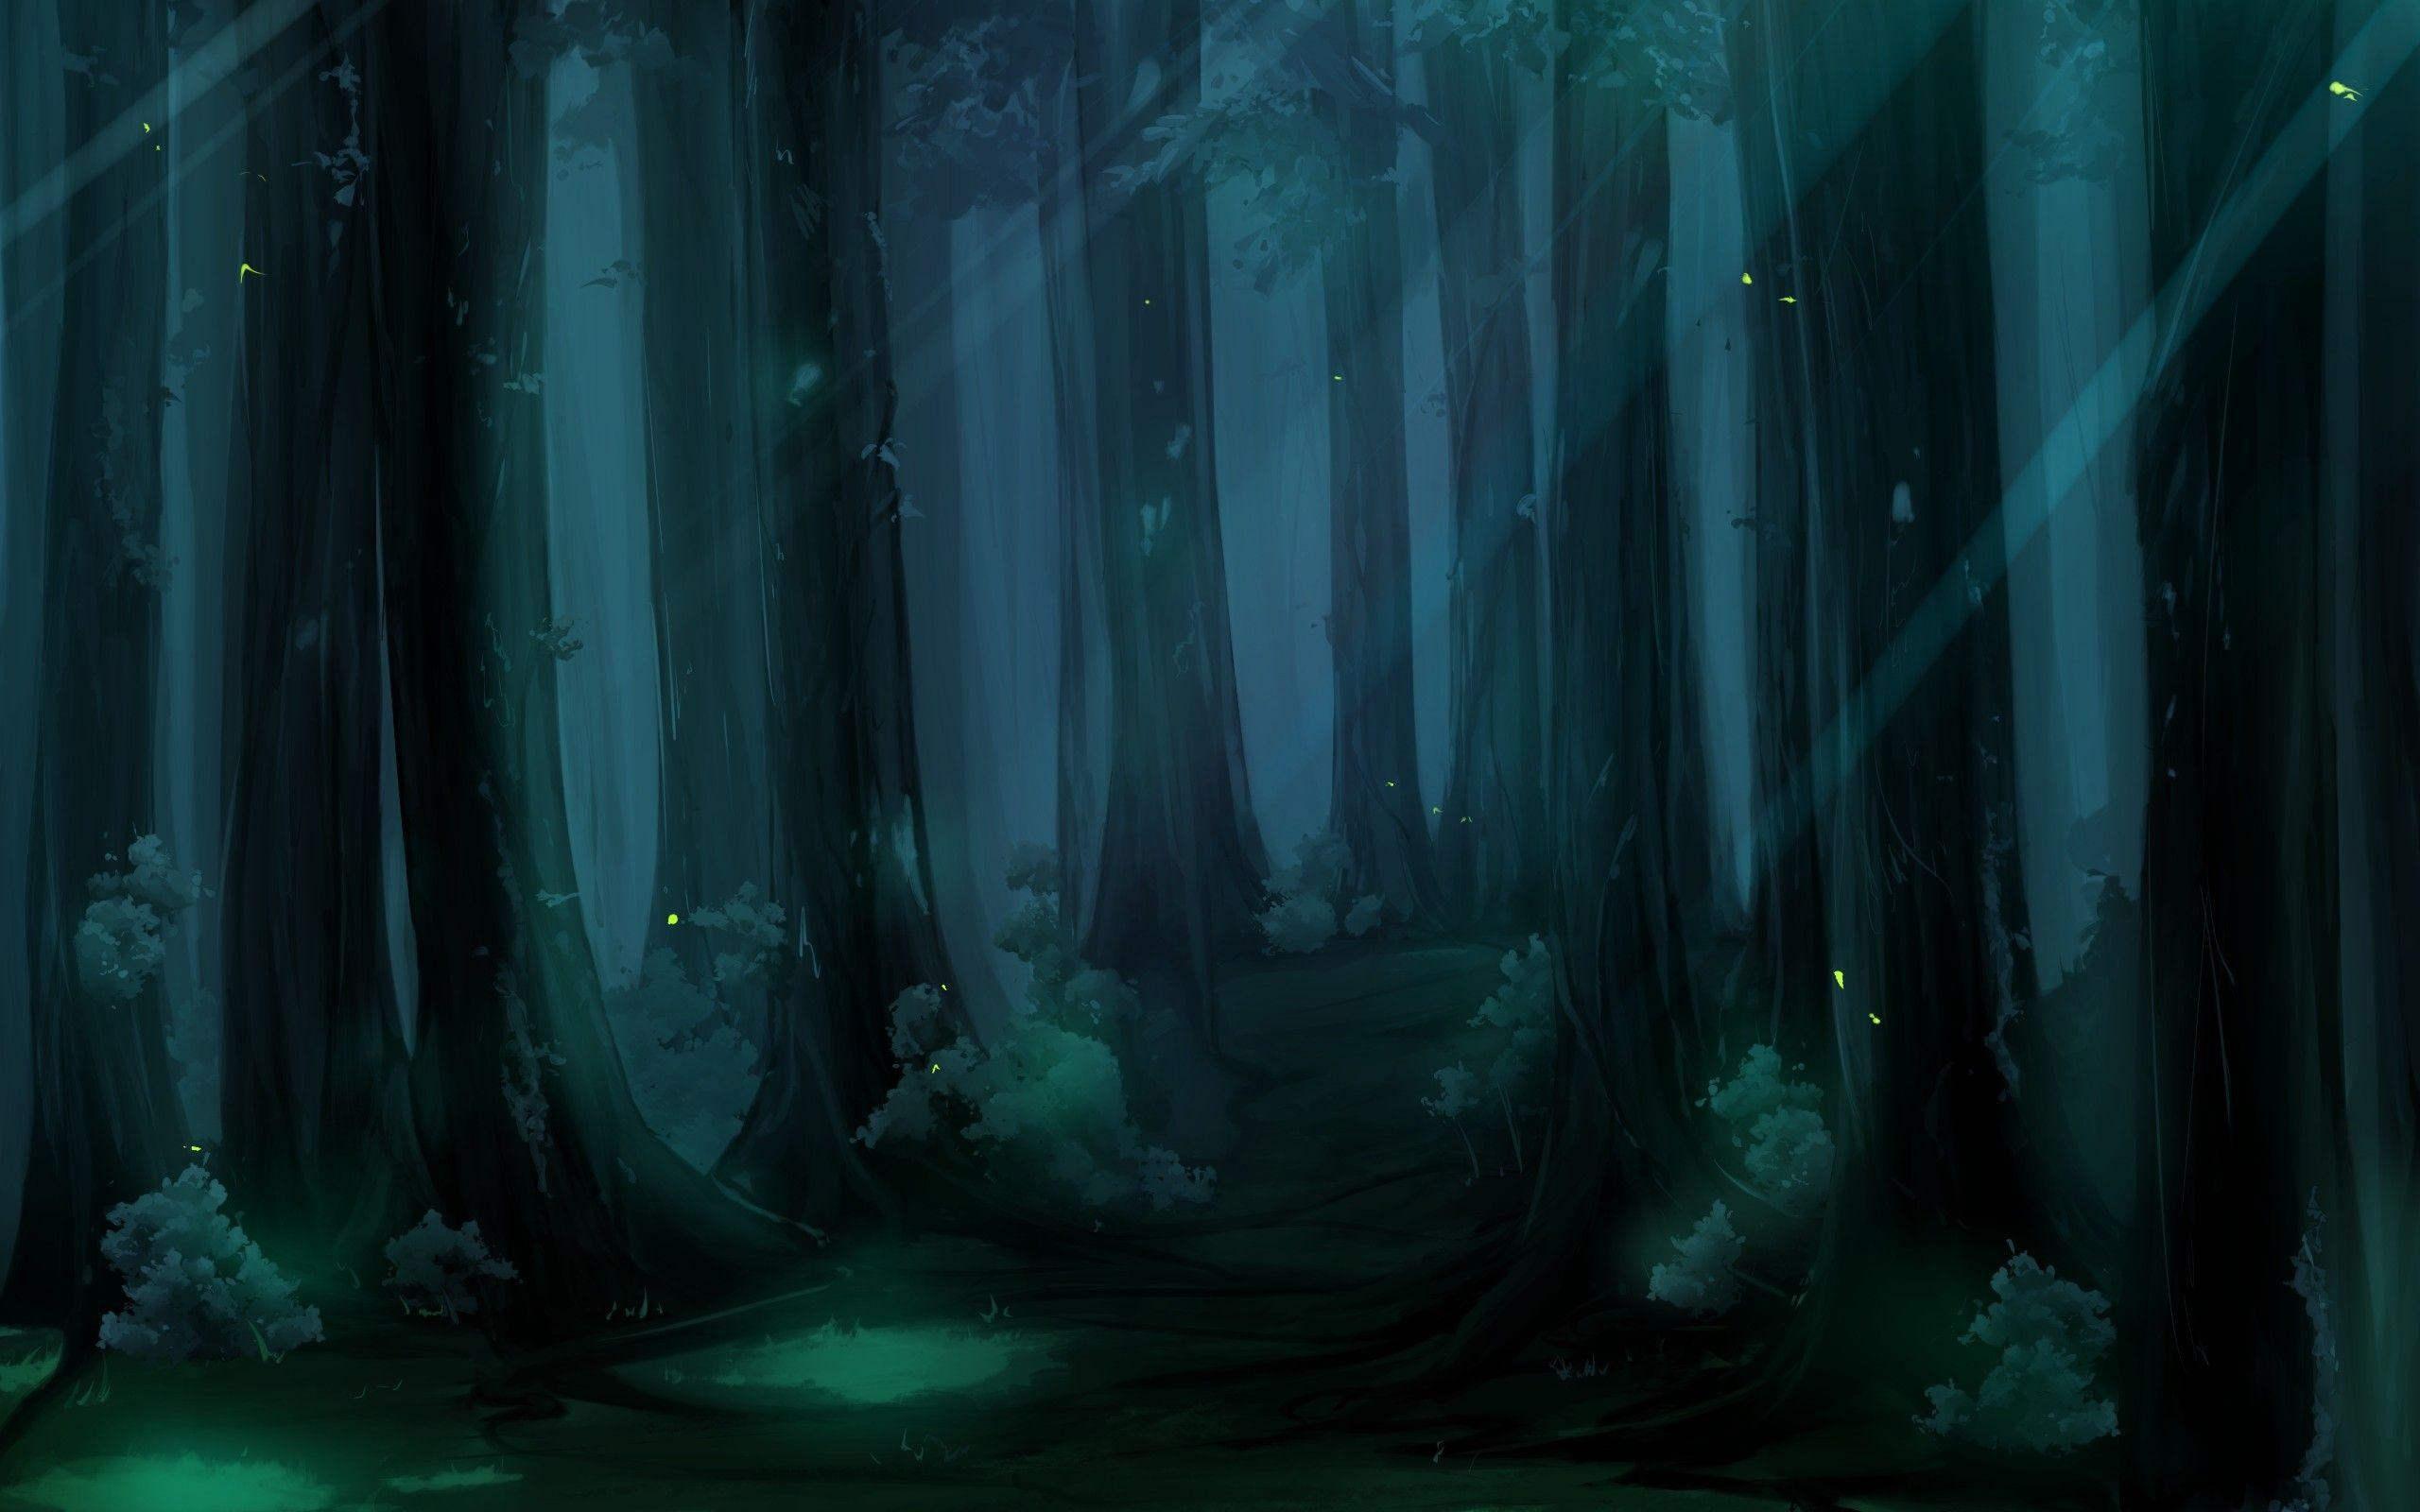 Ночной лес рисунок букет вязаных